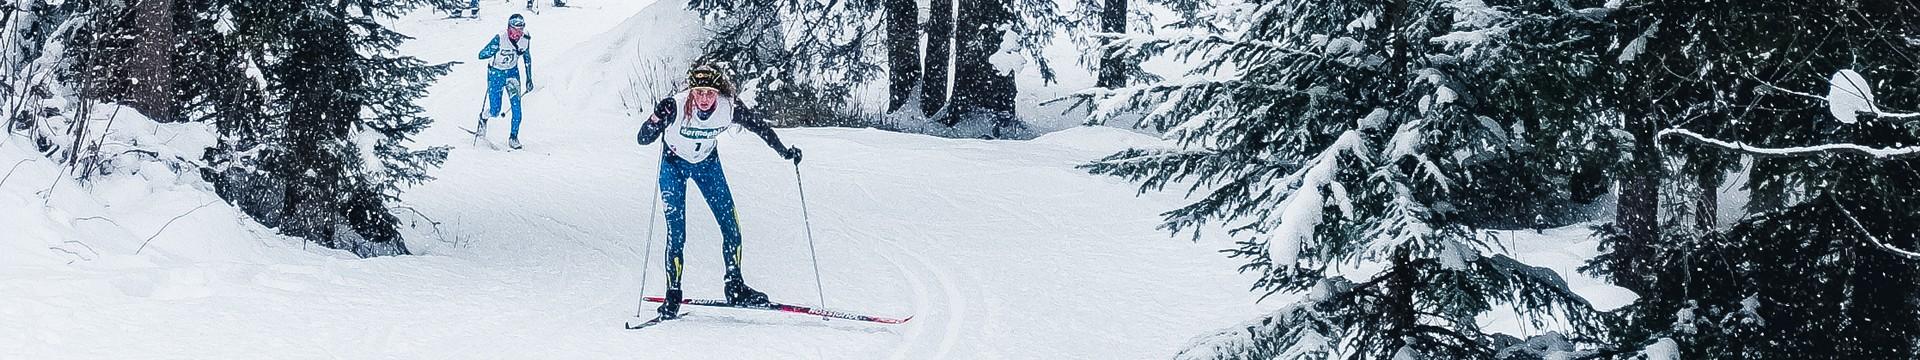 ski-de-fond-03-8781